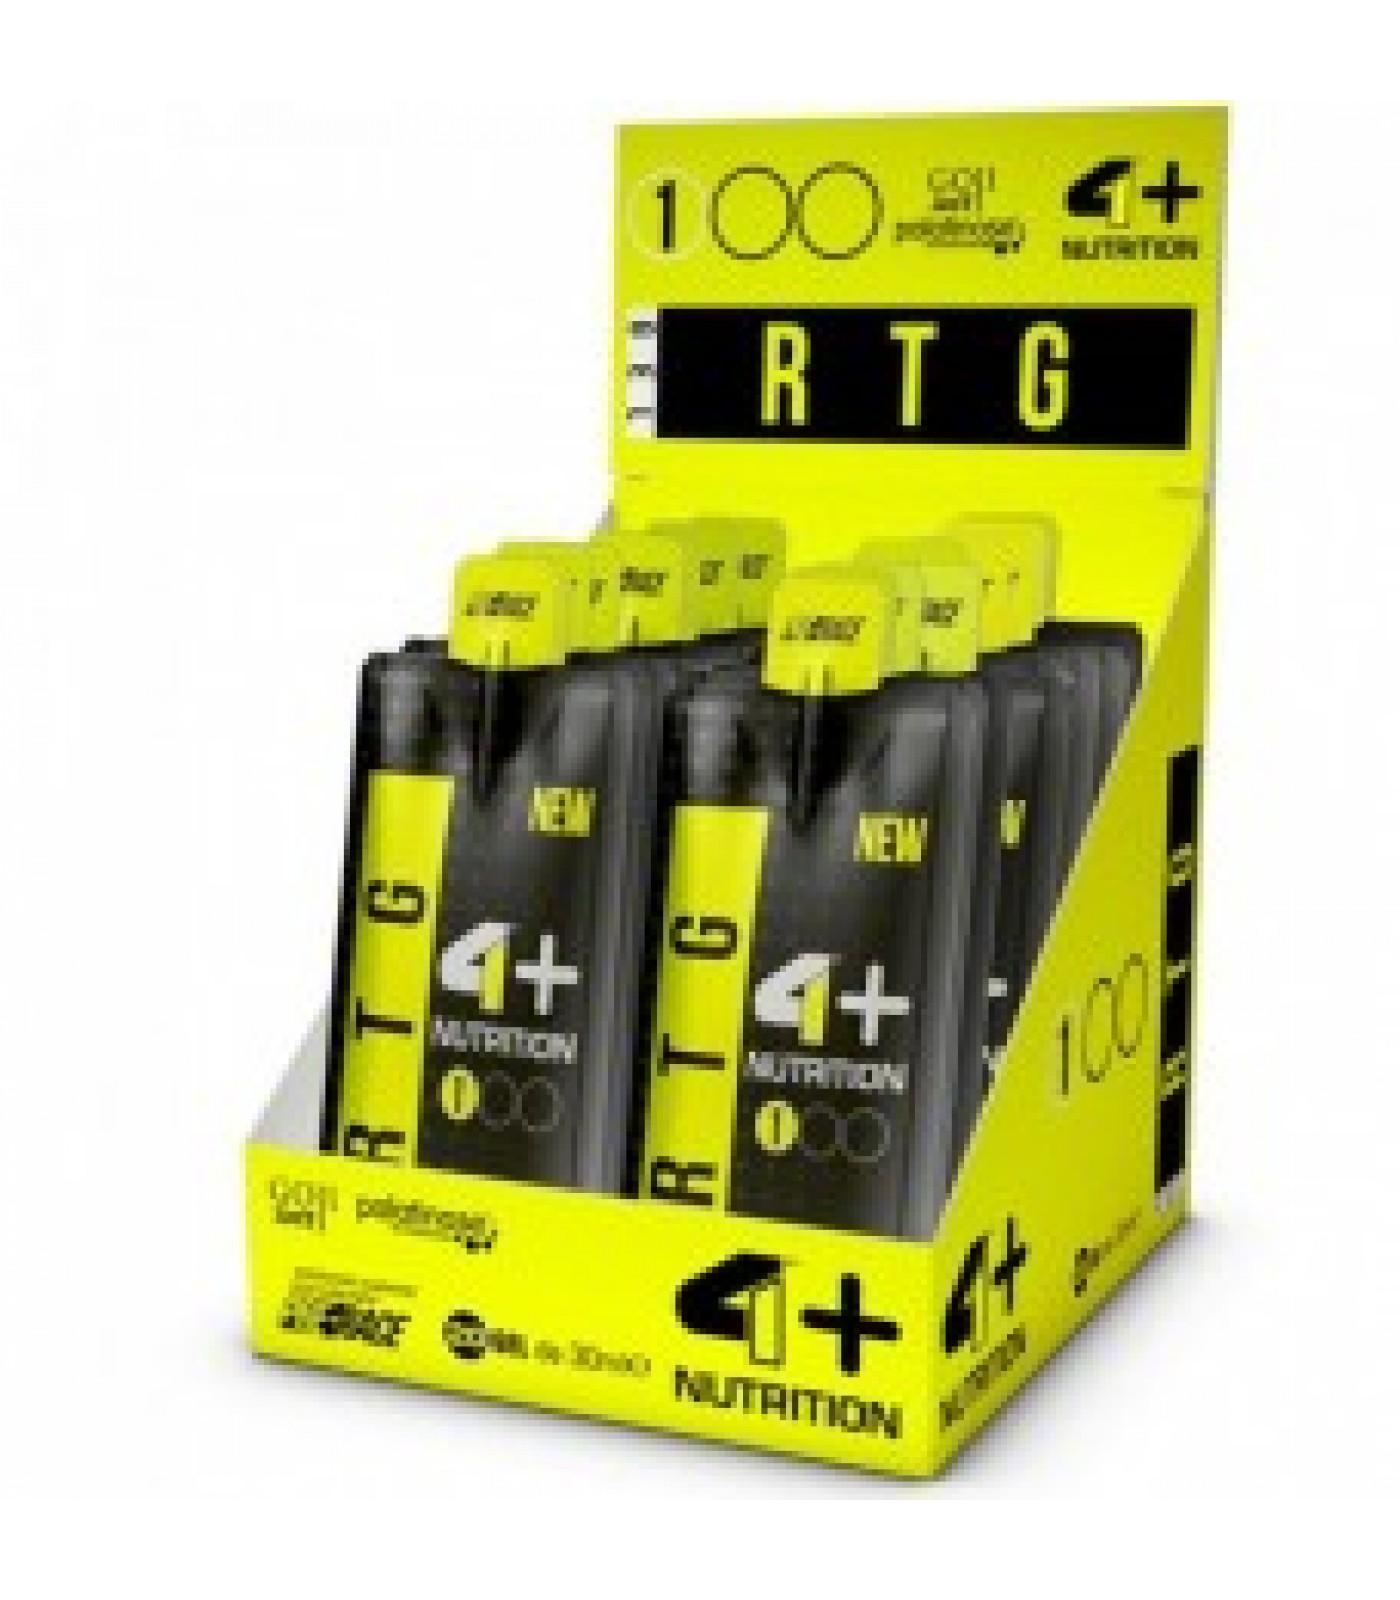 4+ Nutrition RTG+